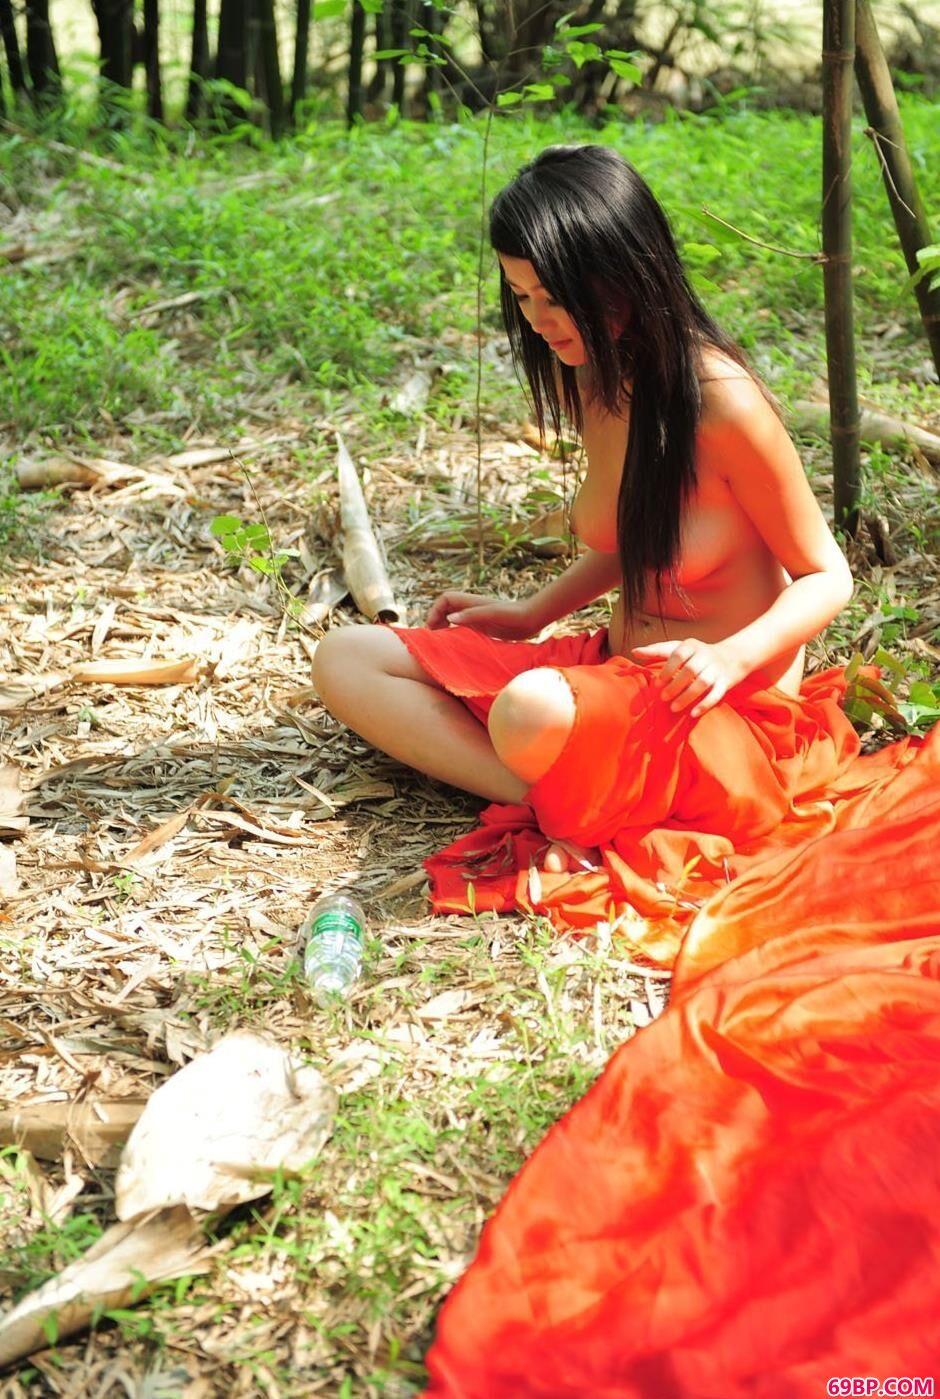 靓女莉莉在竹子下的风情美体